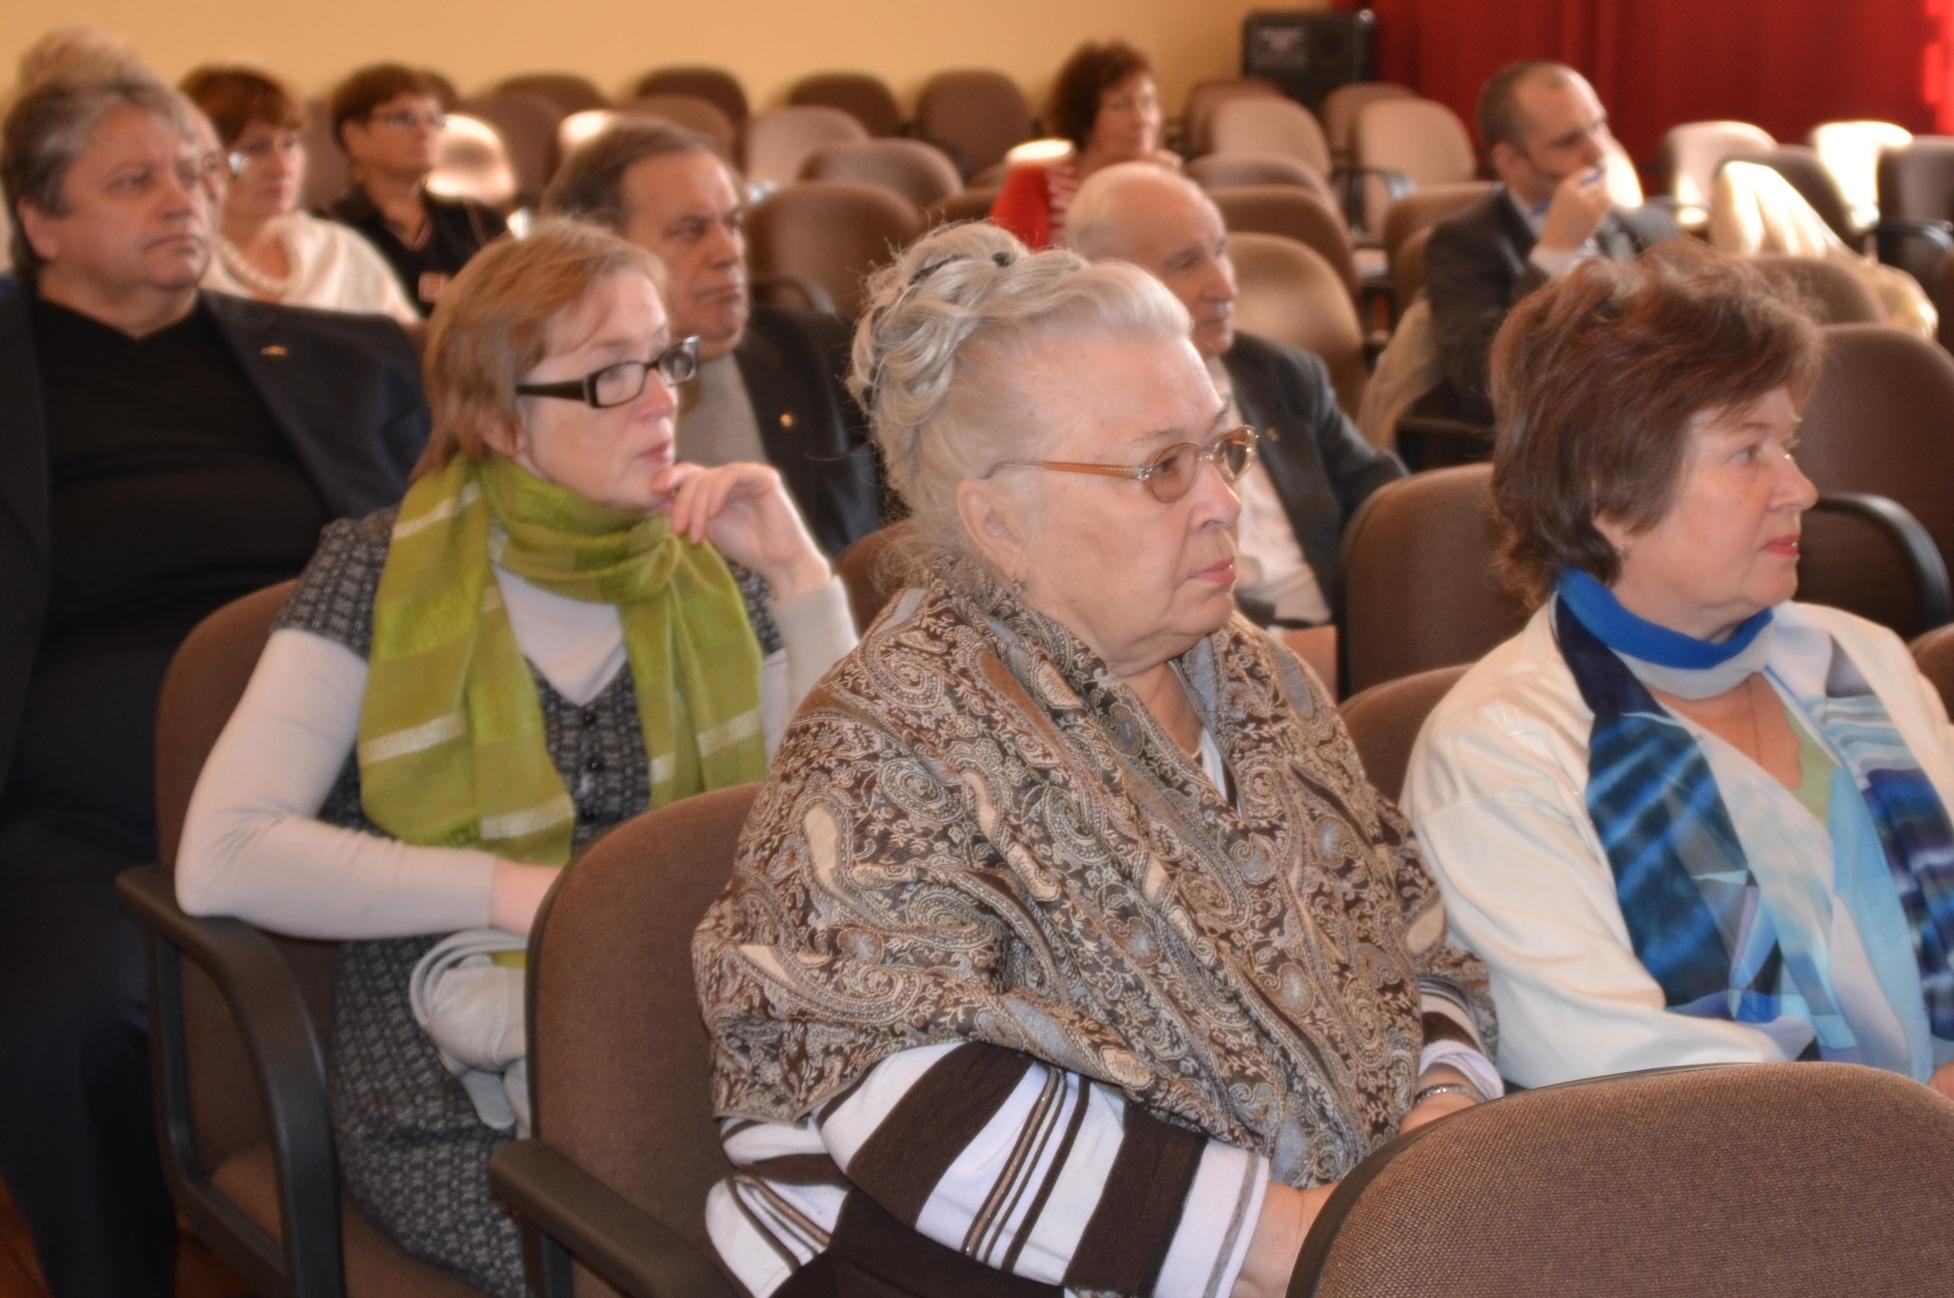 Во встрече, которая состоялась 24 сентября, участвовали представители местных общественных орган